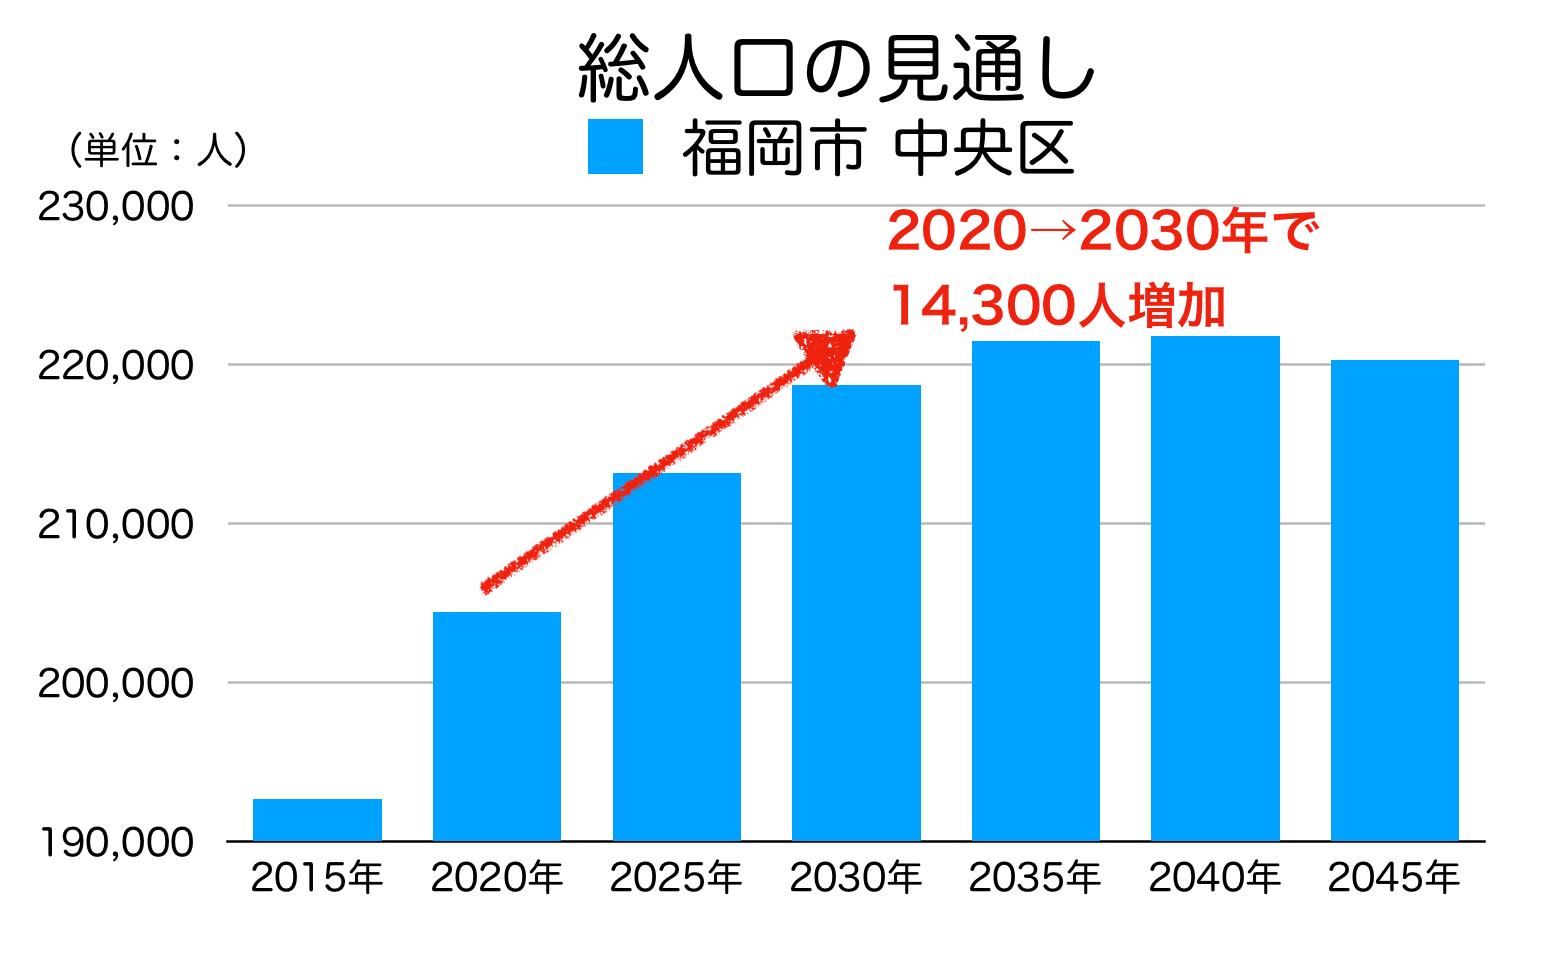 福岡市中央区の人口予測